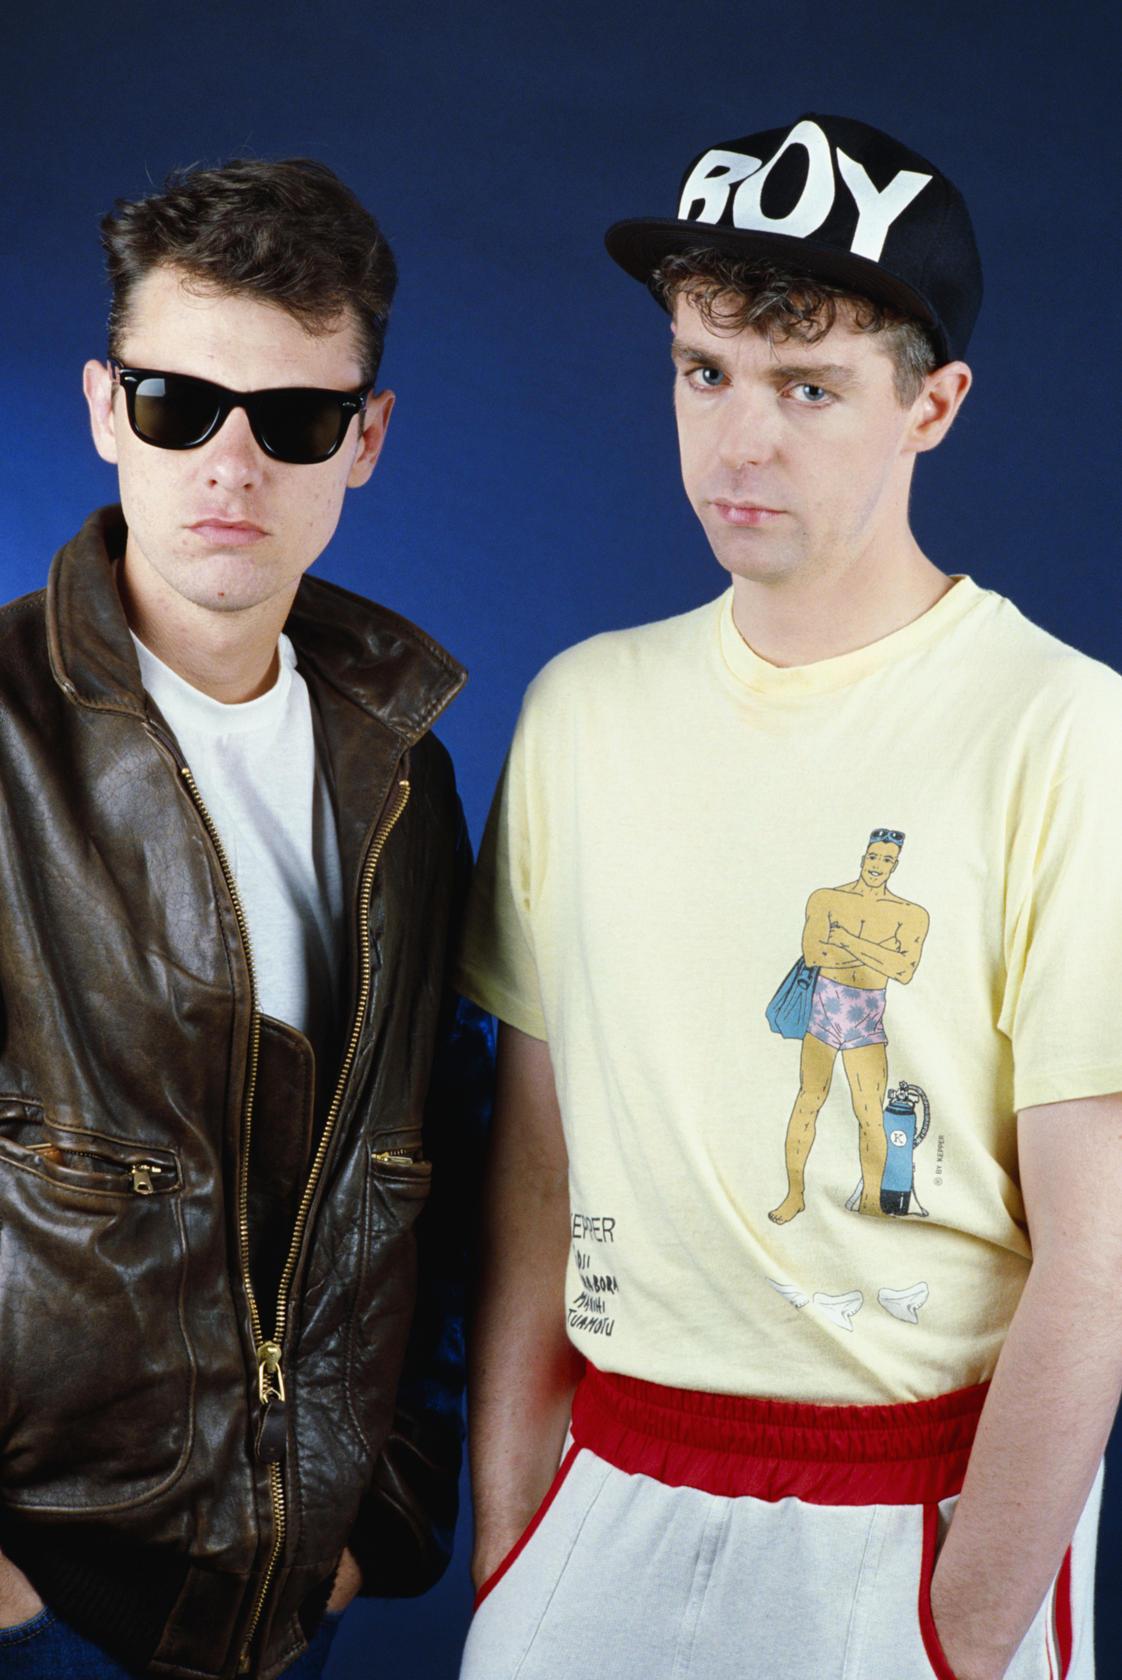 El megapost que merece Pet Shop Boys - Música inolvidab... en Taringa!